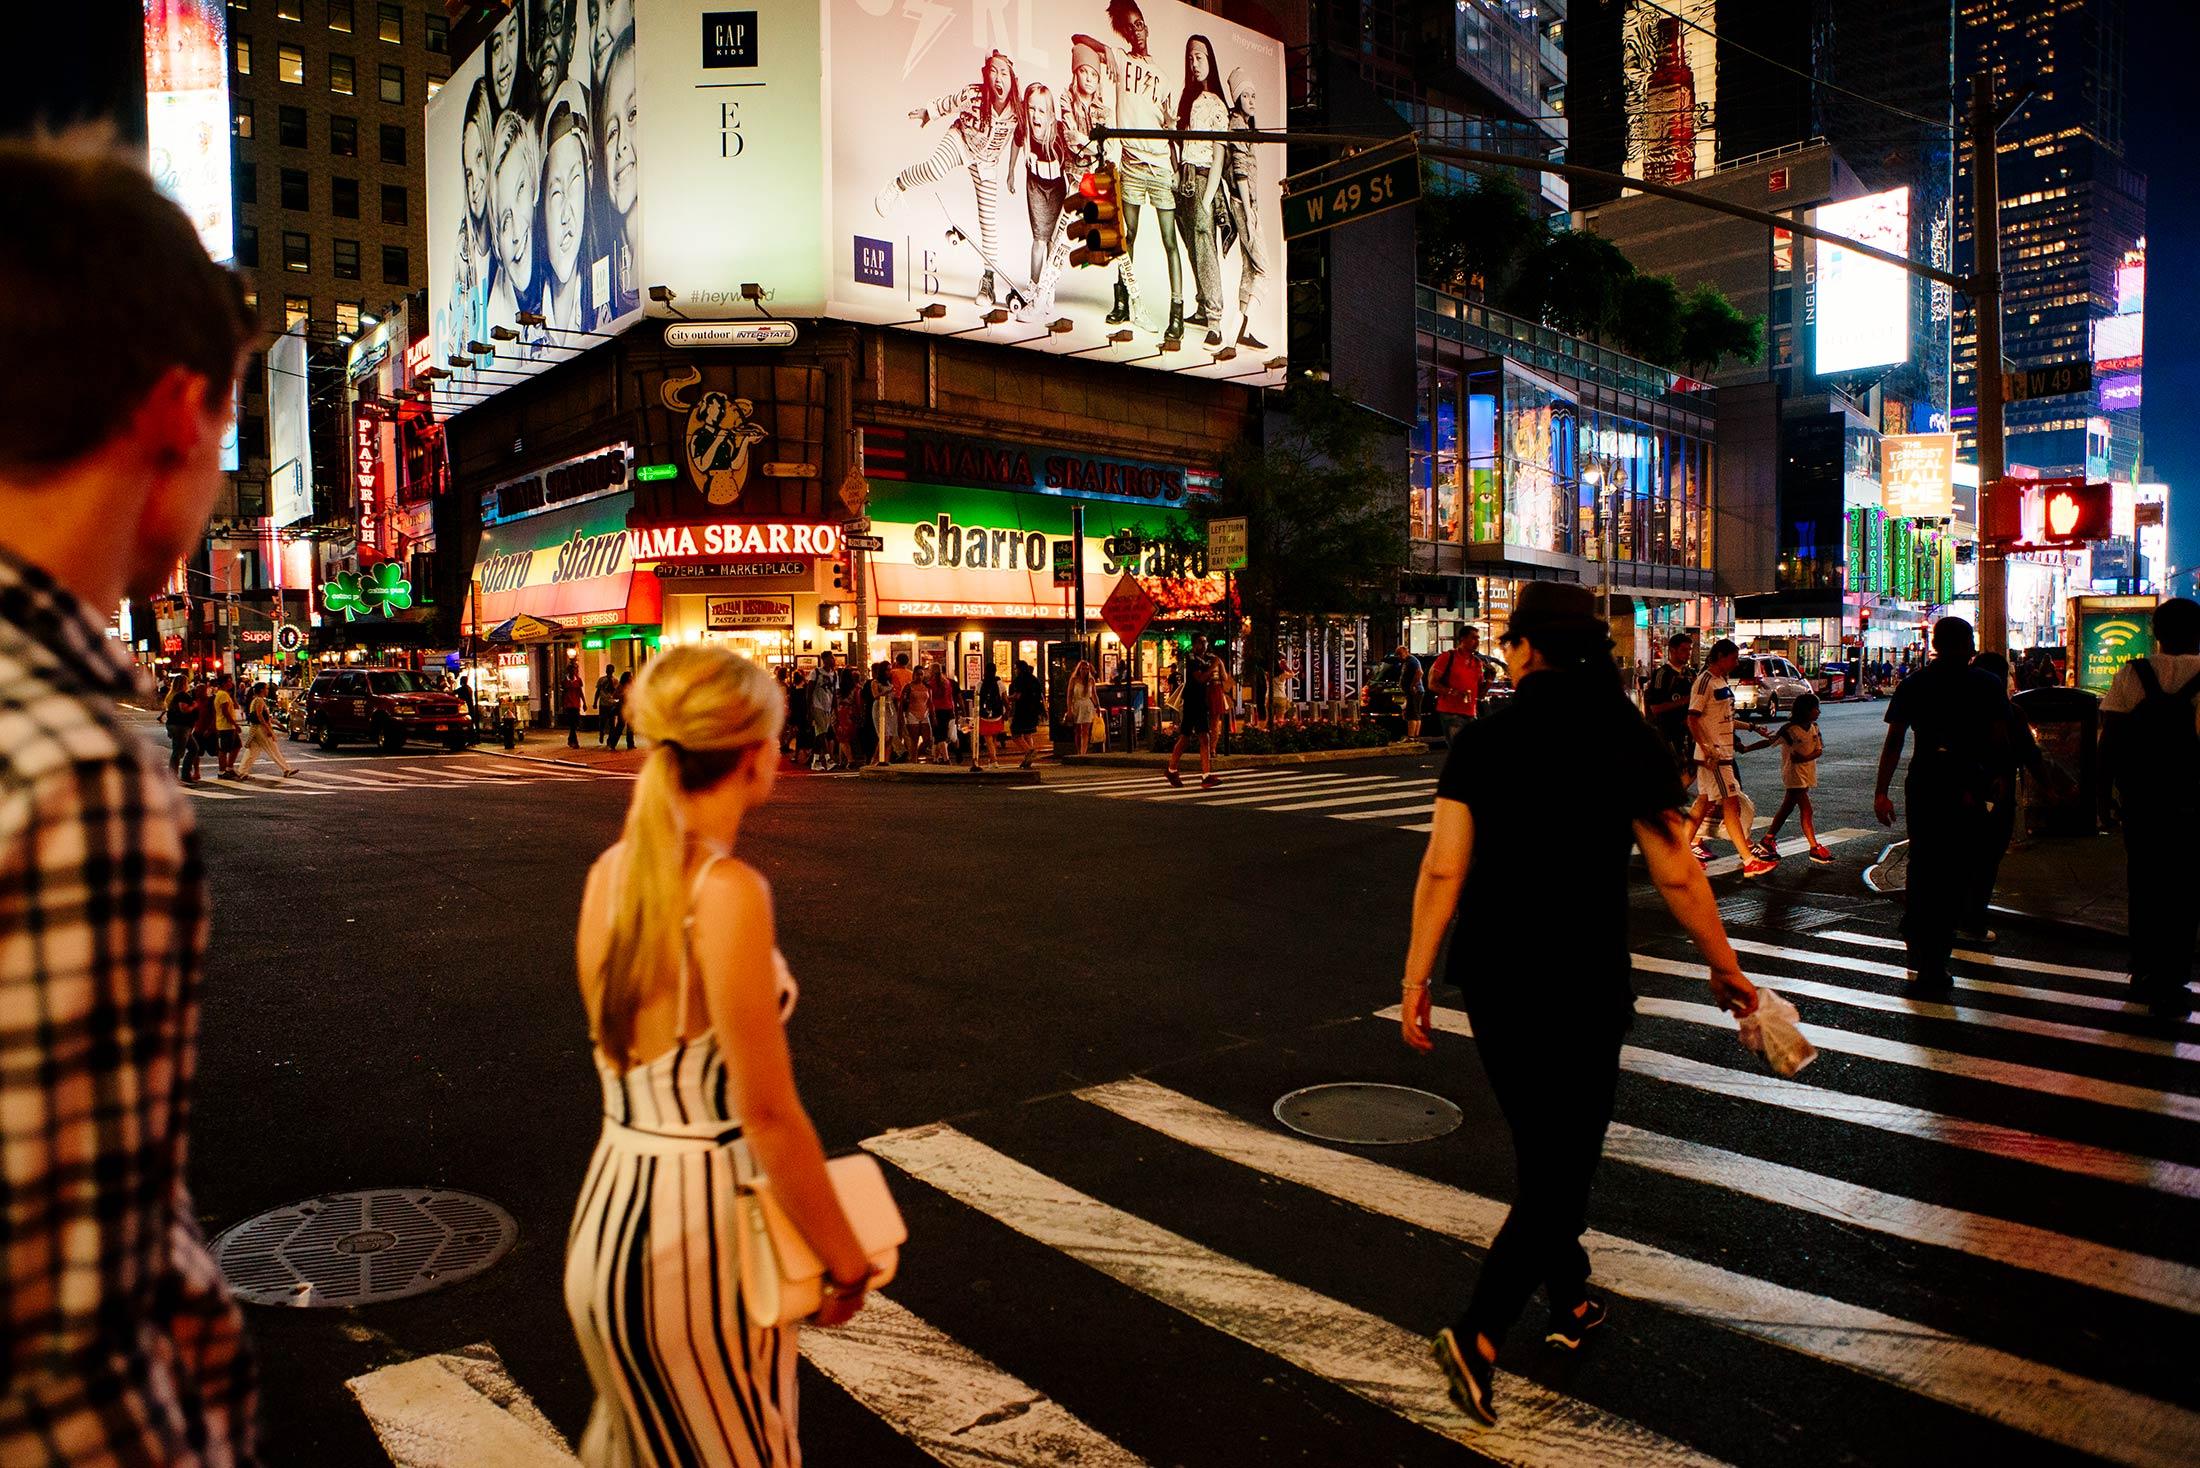 NYC_NewYorkCity_09-Mitja_Schneehage